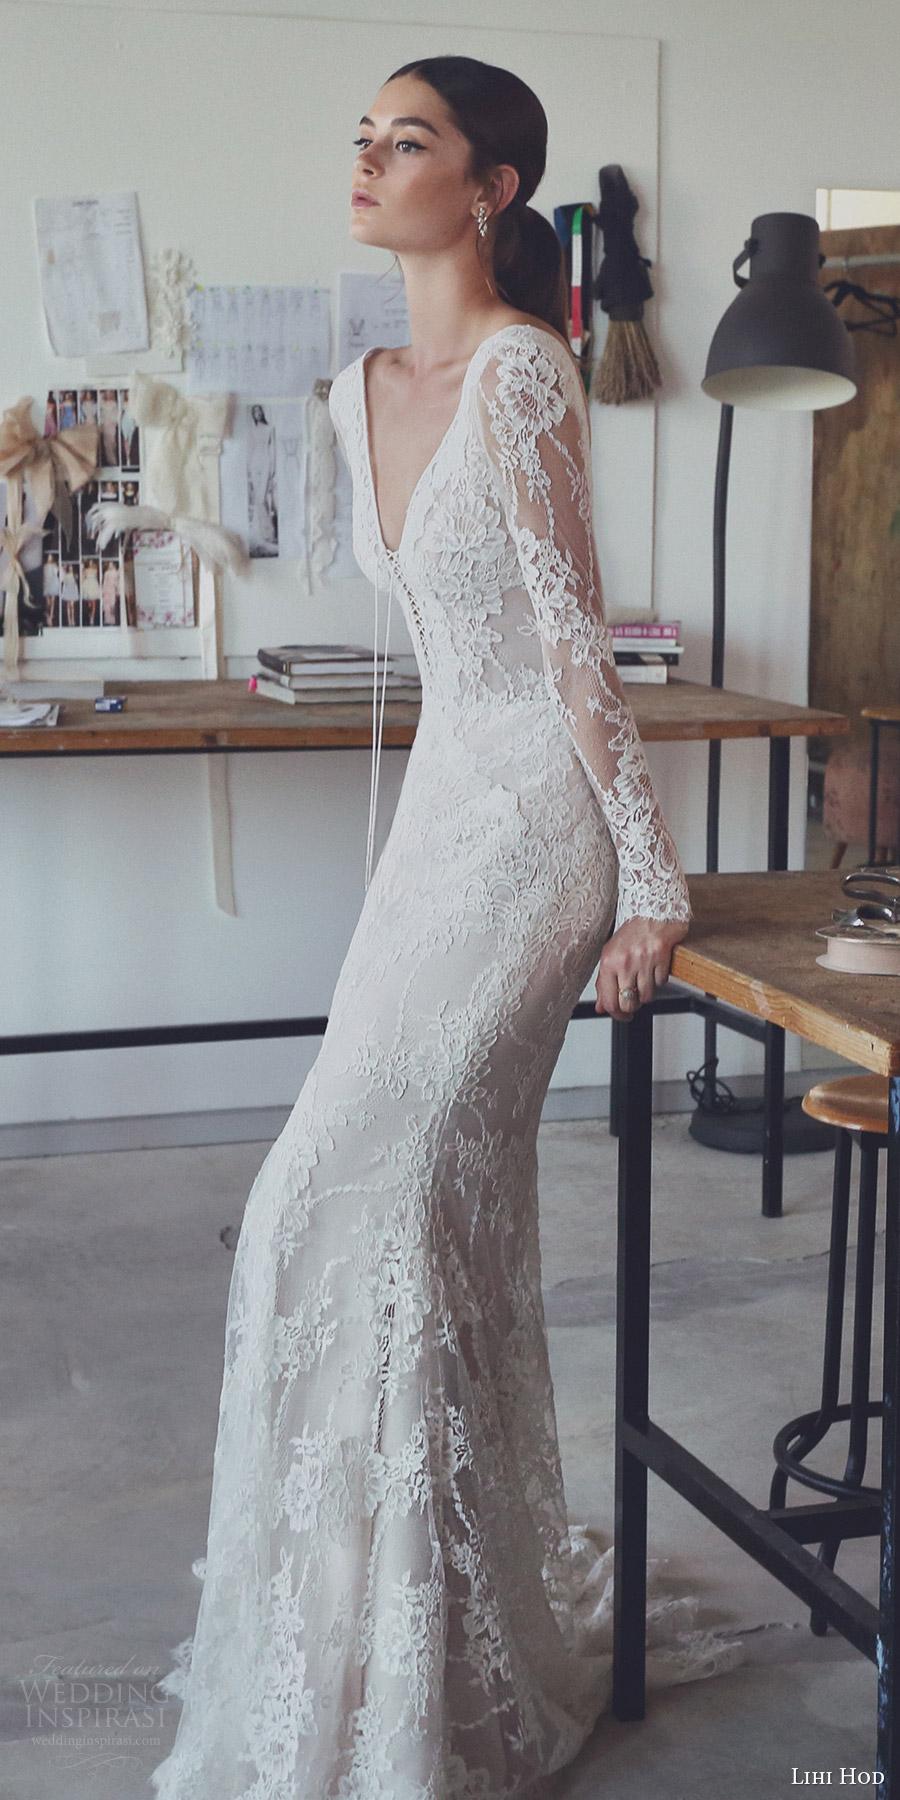 Milanoo Wedding Dresses 32 Cute lihi hod bridal long